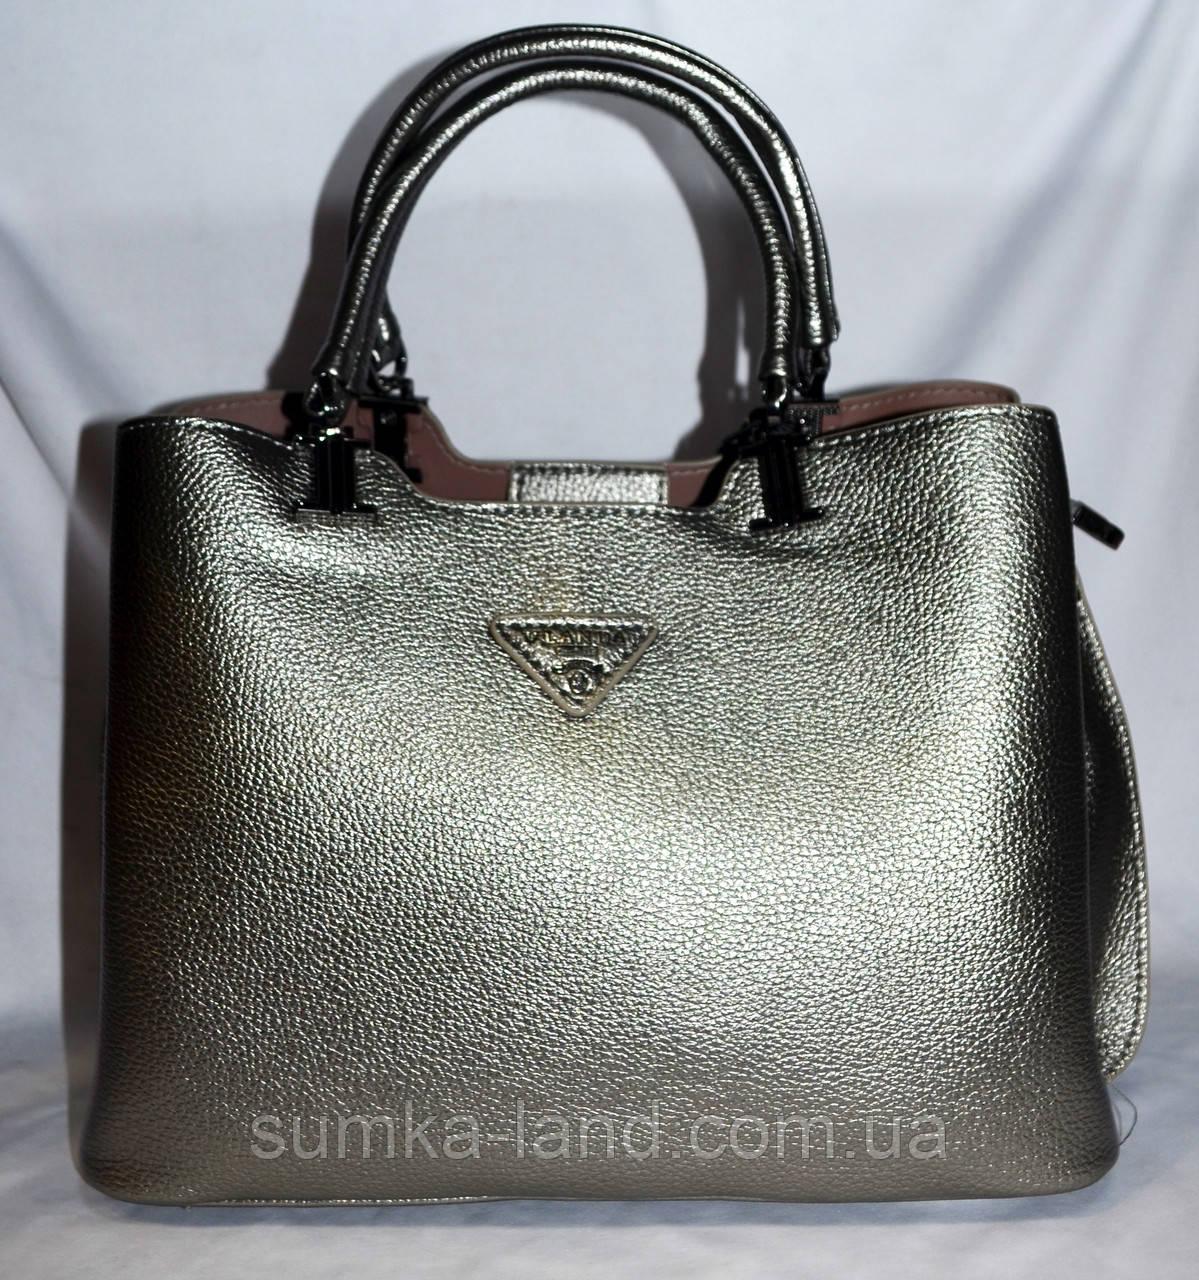 63d42f10fd6e Женская сумка Prada класса Люкс с длинным ремешком на плечо 31*23 см ...